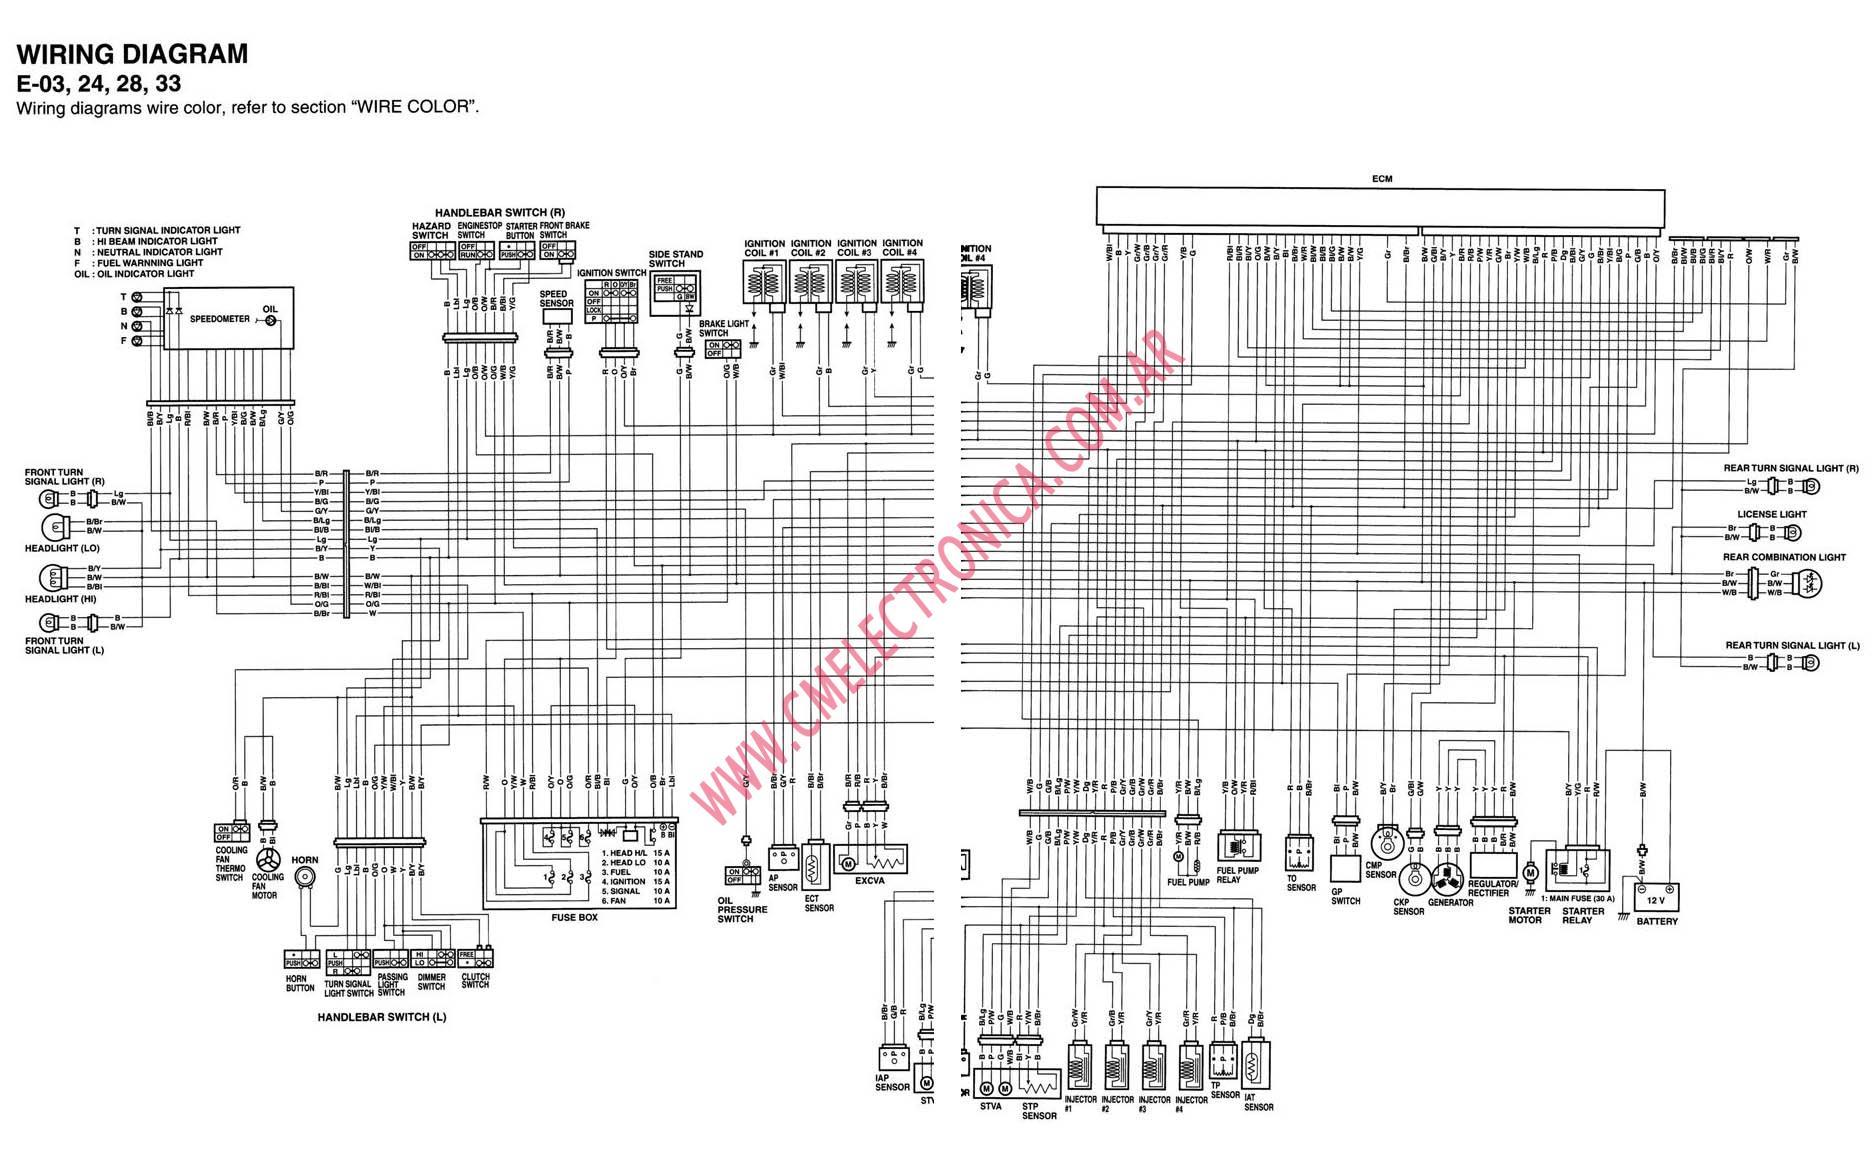 5915a59 Wiring Gsx Diagram Suzuki 1997 R600v Schematic Diagrams Wiring Library